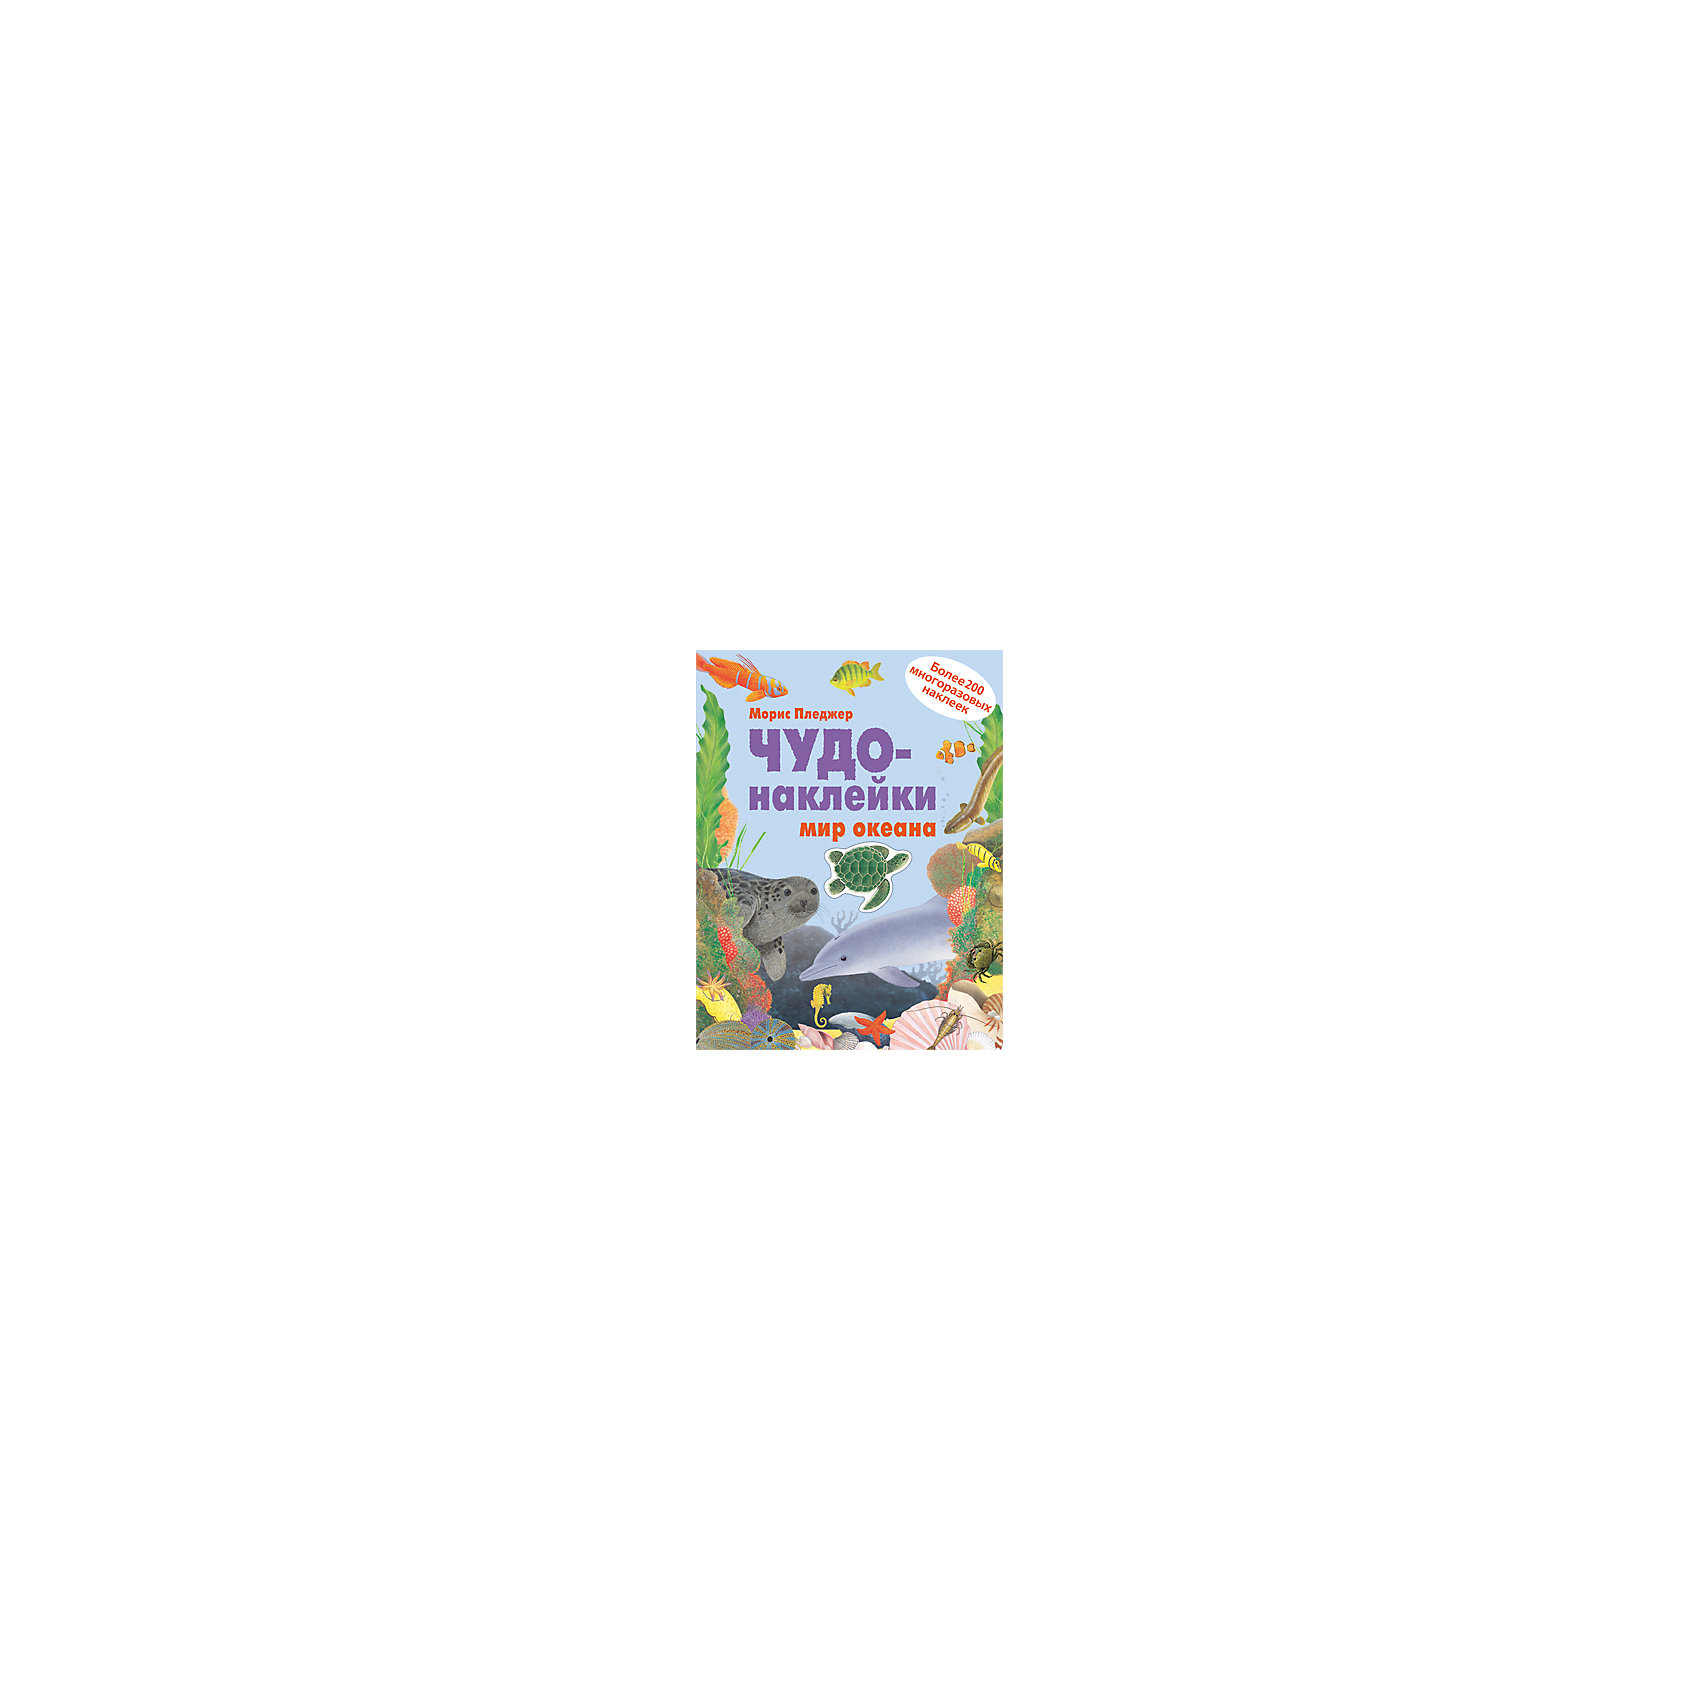 Чудо-наклейки Мир океана, Мозаика-СинтезТворчество для малышей<br>Чудо-наклейки Мир океана, Мозаика-Синтез.<br><br>Характеристики:<br><br>• Издательство: МОЗАИКА-СИНТЕЗ<br>• ISBN: 9785431501401<br>• Тип: книга с многоразовыми наклейками.<br>• Раздел знаний: ознакомление с окружающим миром.<br>• Возраст: 5-7 лет.<br>• Размер книги: 280х215х40мм.<br>• Количество страниц: 70.<br><br>Чудо-наклейки.Мир океана<br>Эта увлекательная книга познакомит вас с миром океана. Создавайте яркие картины, приклеивая на страницы наклейки замечательных обитателей мирового океана! Более 200 многоразовых наклеек. <br><br>Работа с наклейками – занятие не только увлекательное, но и полезное. Оно способствует развитию воображения, мелкой моторики рук, координации движения.<br>Книга позволяет детям лучше узнать окружающий мир, способствует интеллектуальному развитию малыша.<br><br>Чудо-наклейки Мир океана, Мозаика-Синтез, можно купить в нашем интернет – магазине<br><br>Ширина мм: 6<br>Глубина мм: 215<br>Высота мм: 280<br>Вес г: 401<br>Возраст от месяцев: 60<br>Возраст до месяцев: 84<br>Пол: Унисекс<br>Возраст: Детский<br>SKU: 5428886